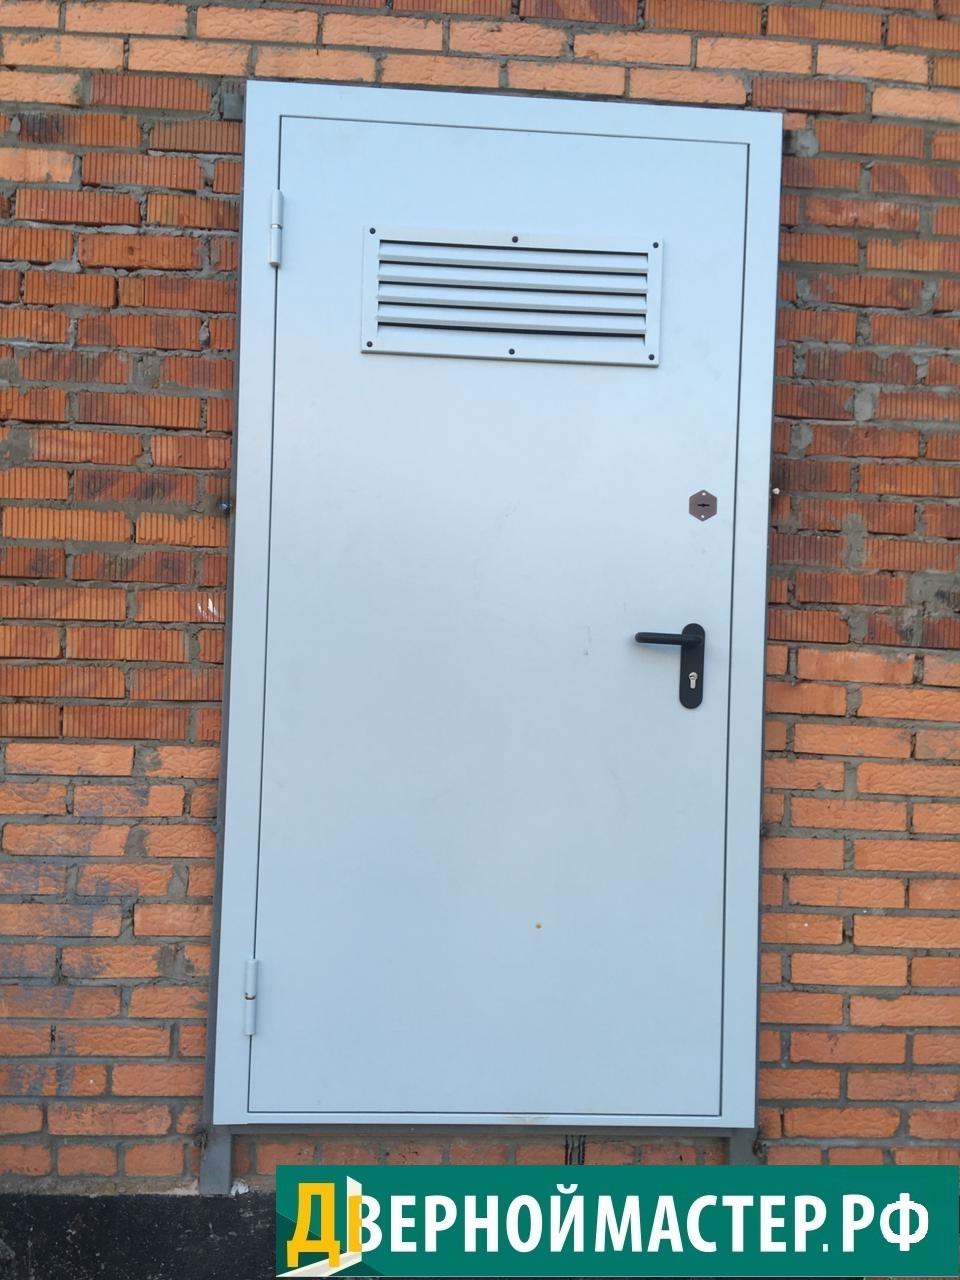 Металлическая дверь в электрощитовую с верхней вент решеткой